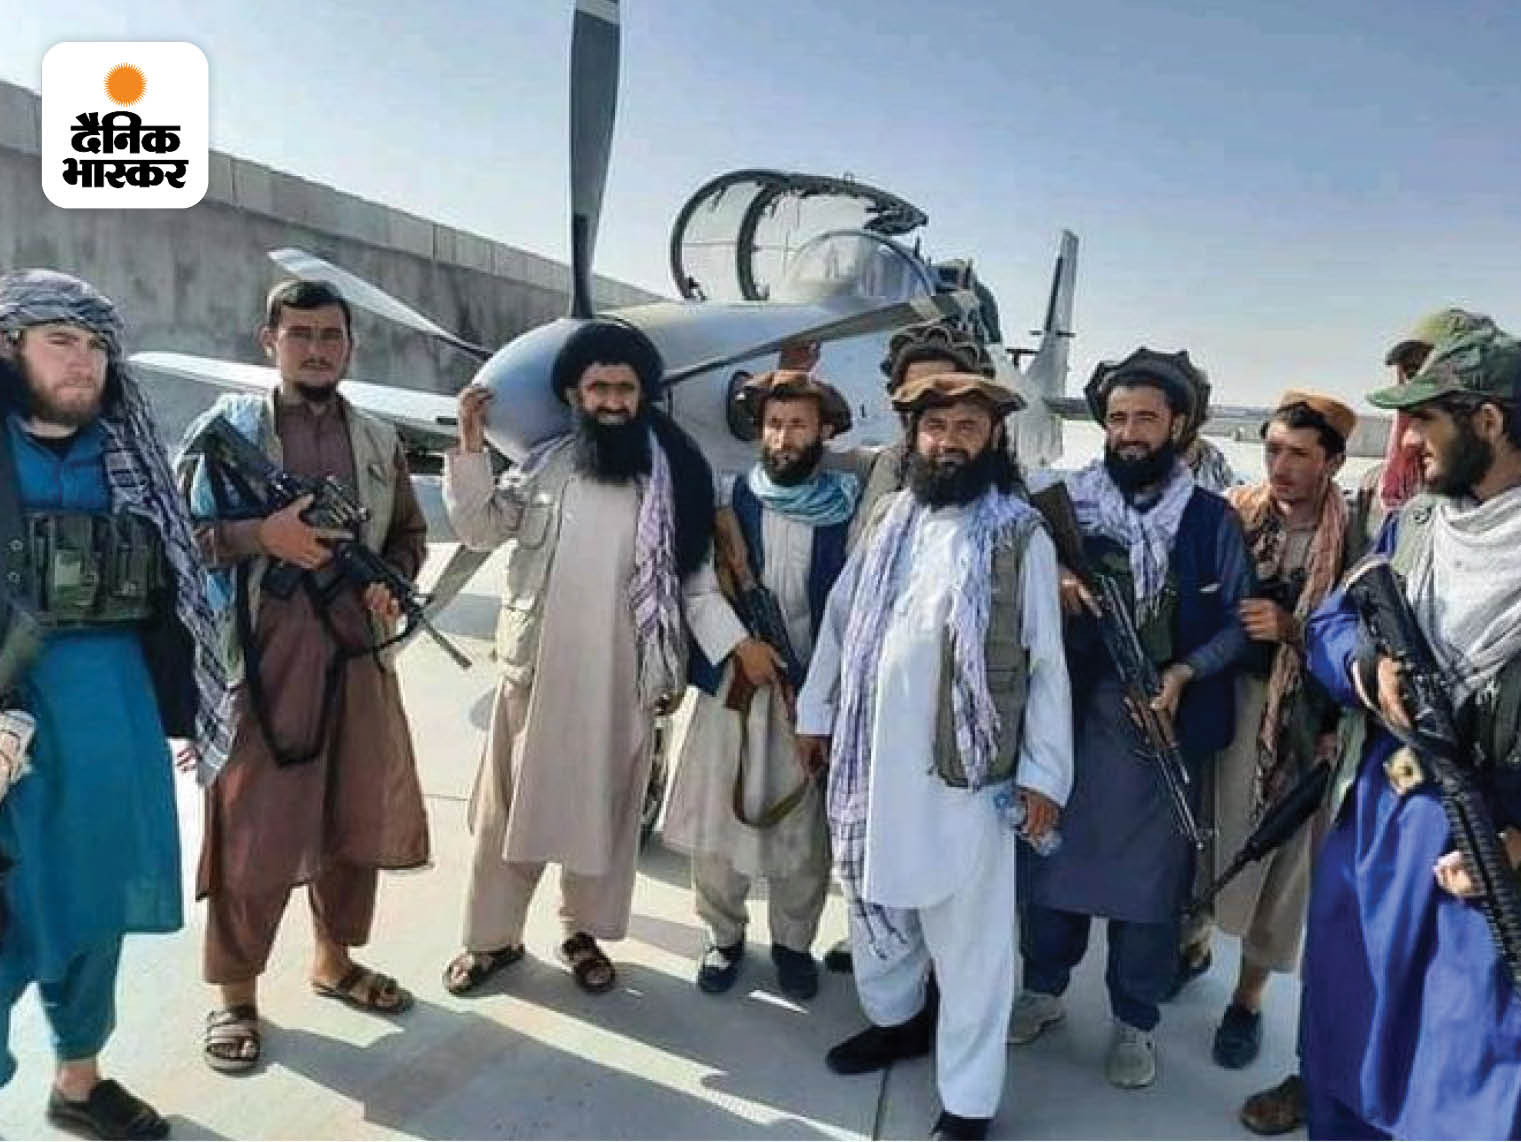 अफगानिस्तान के मजार ए शरीफ शहर पर कब्जा करने के बाद तालिबान के हाथ आधुनिक हथियार लगे। इनमें कई एयरक्राफ्ट्स और अटैक हेलिकॉप्टर शामिल हैं।